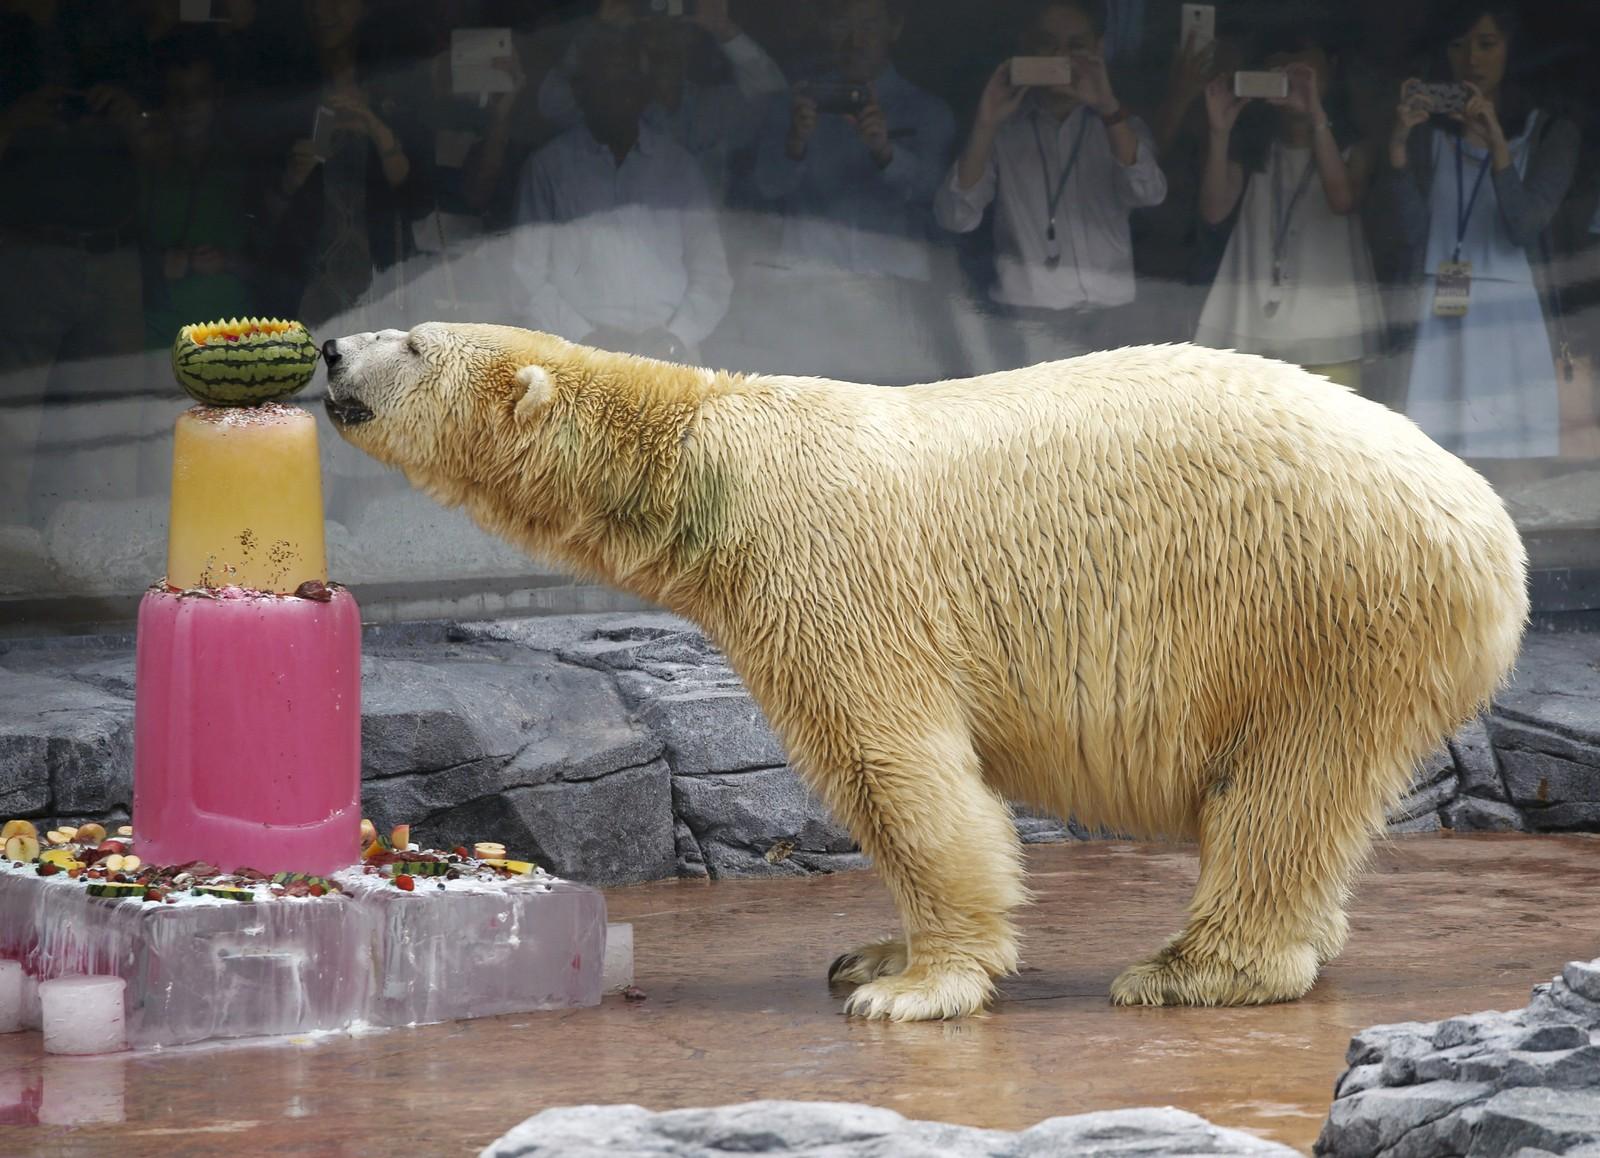 Inuka, verdens første isbjørn født i tropene, nyter en is på 25 års-dagen sin i Singapore Zoo.